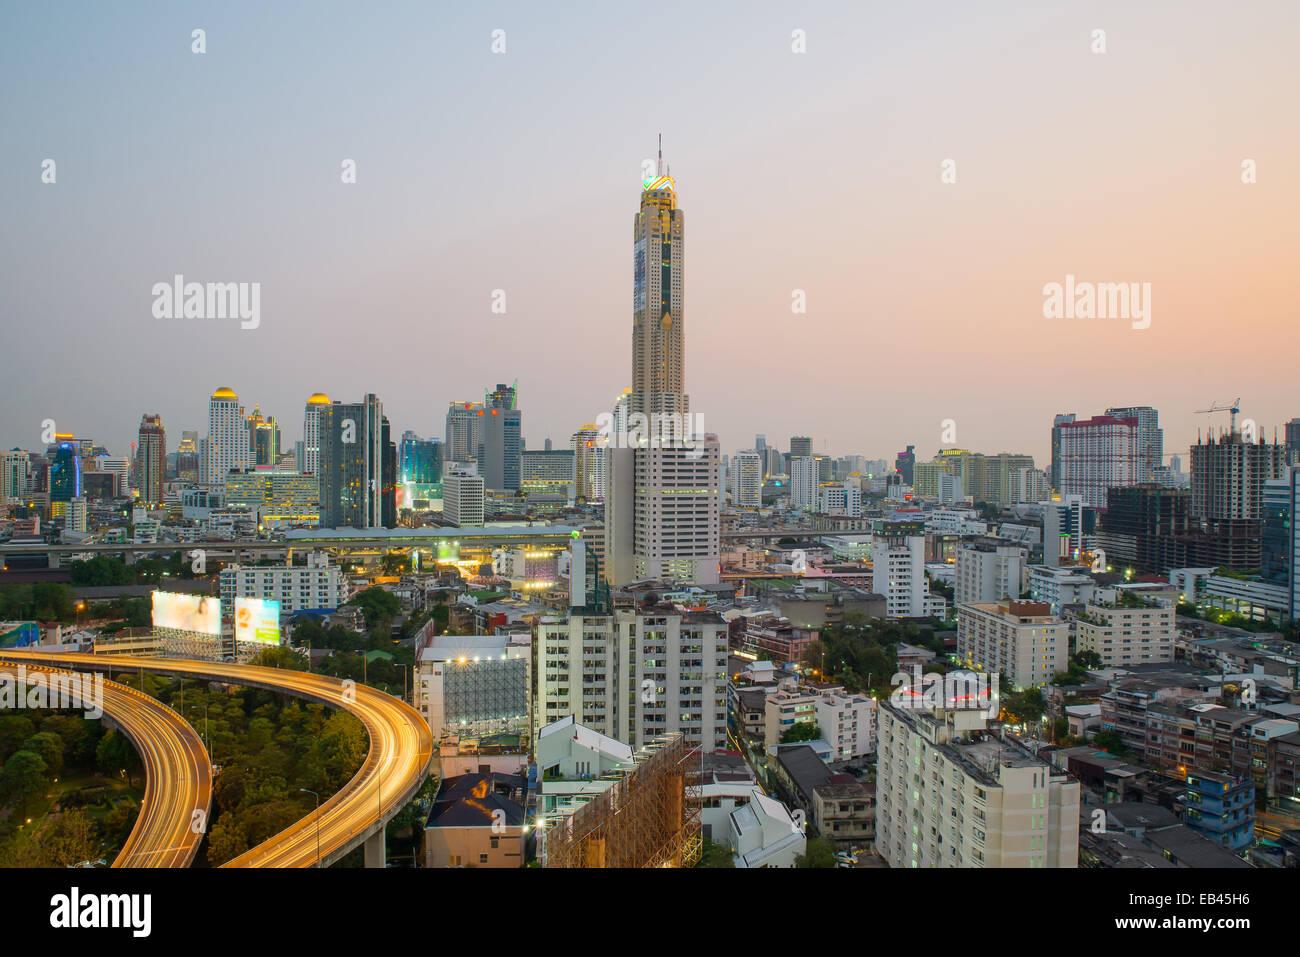 Paesaggio urbano di Bangkok al crepuscolo con il traffico principale Immagini Stock